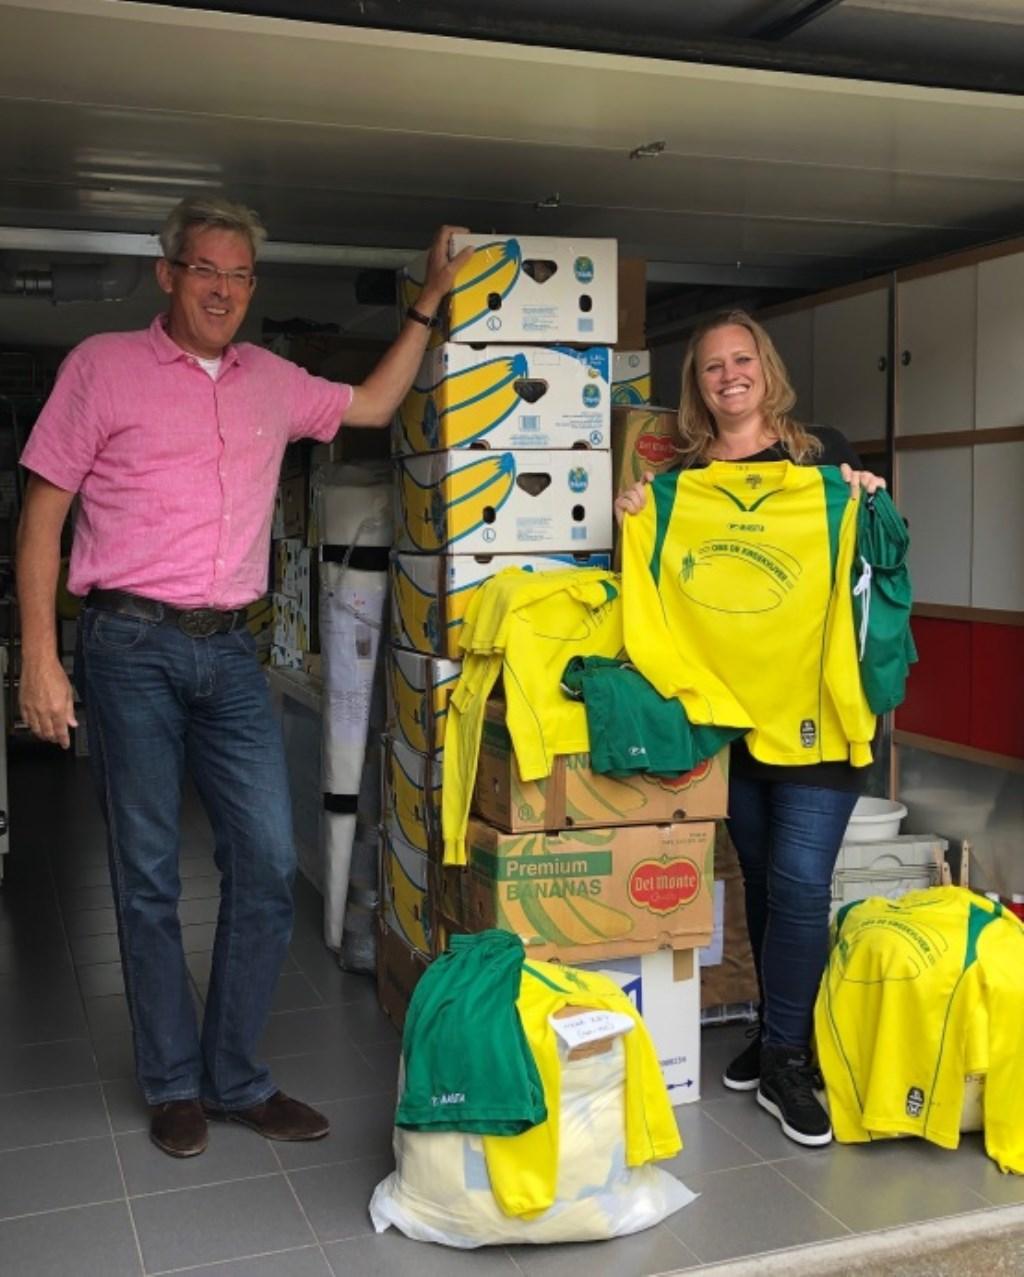 Afra van Empelen heeft hulp gekregen van buurtgenoot Michiel Verbrugge. (Foto: aangeleverd) © rodi